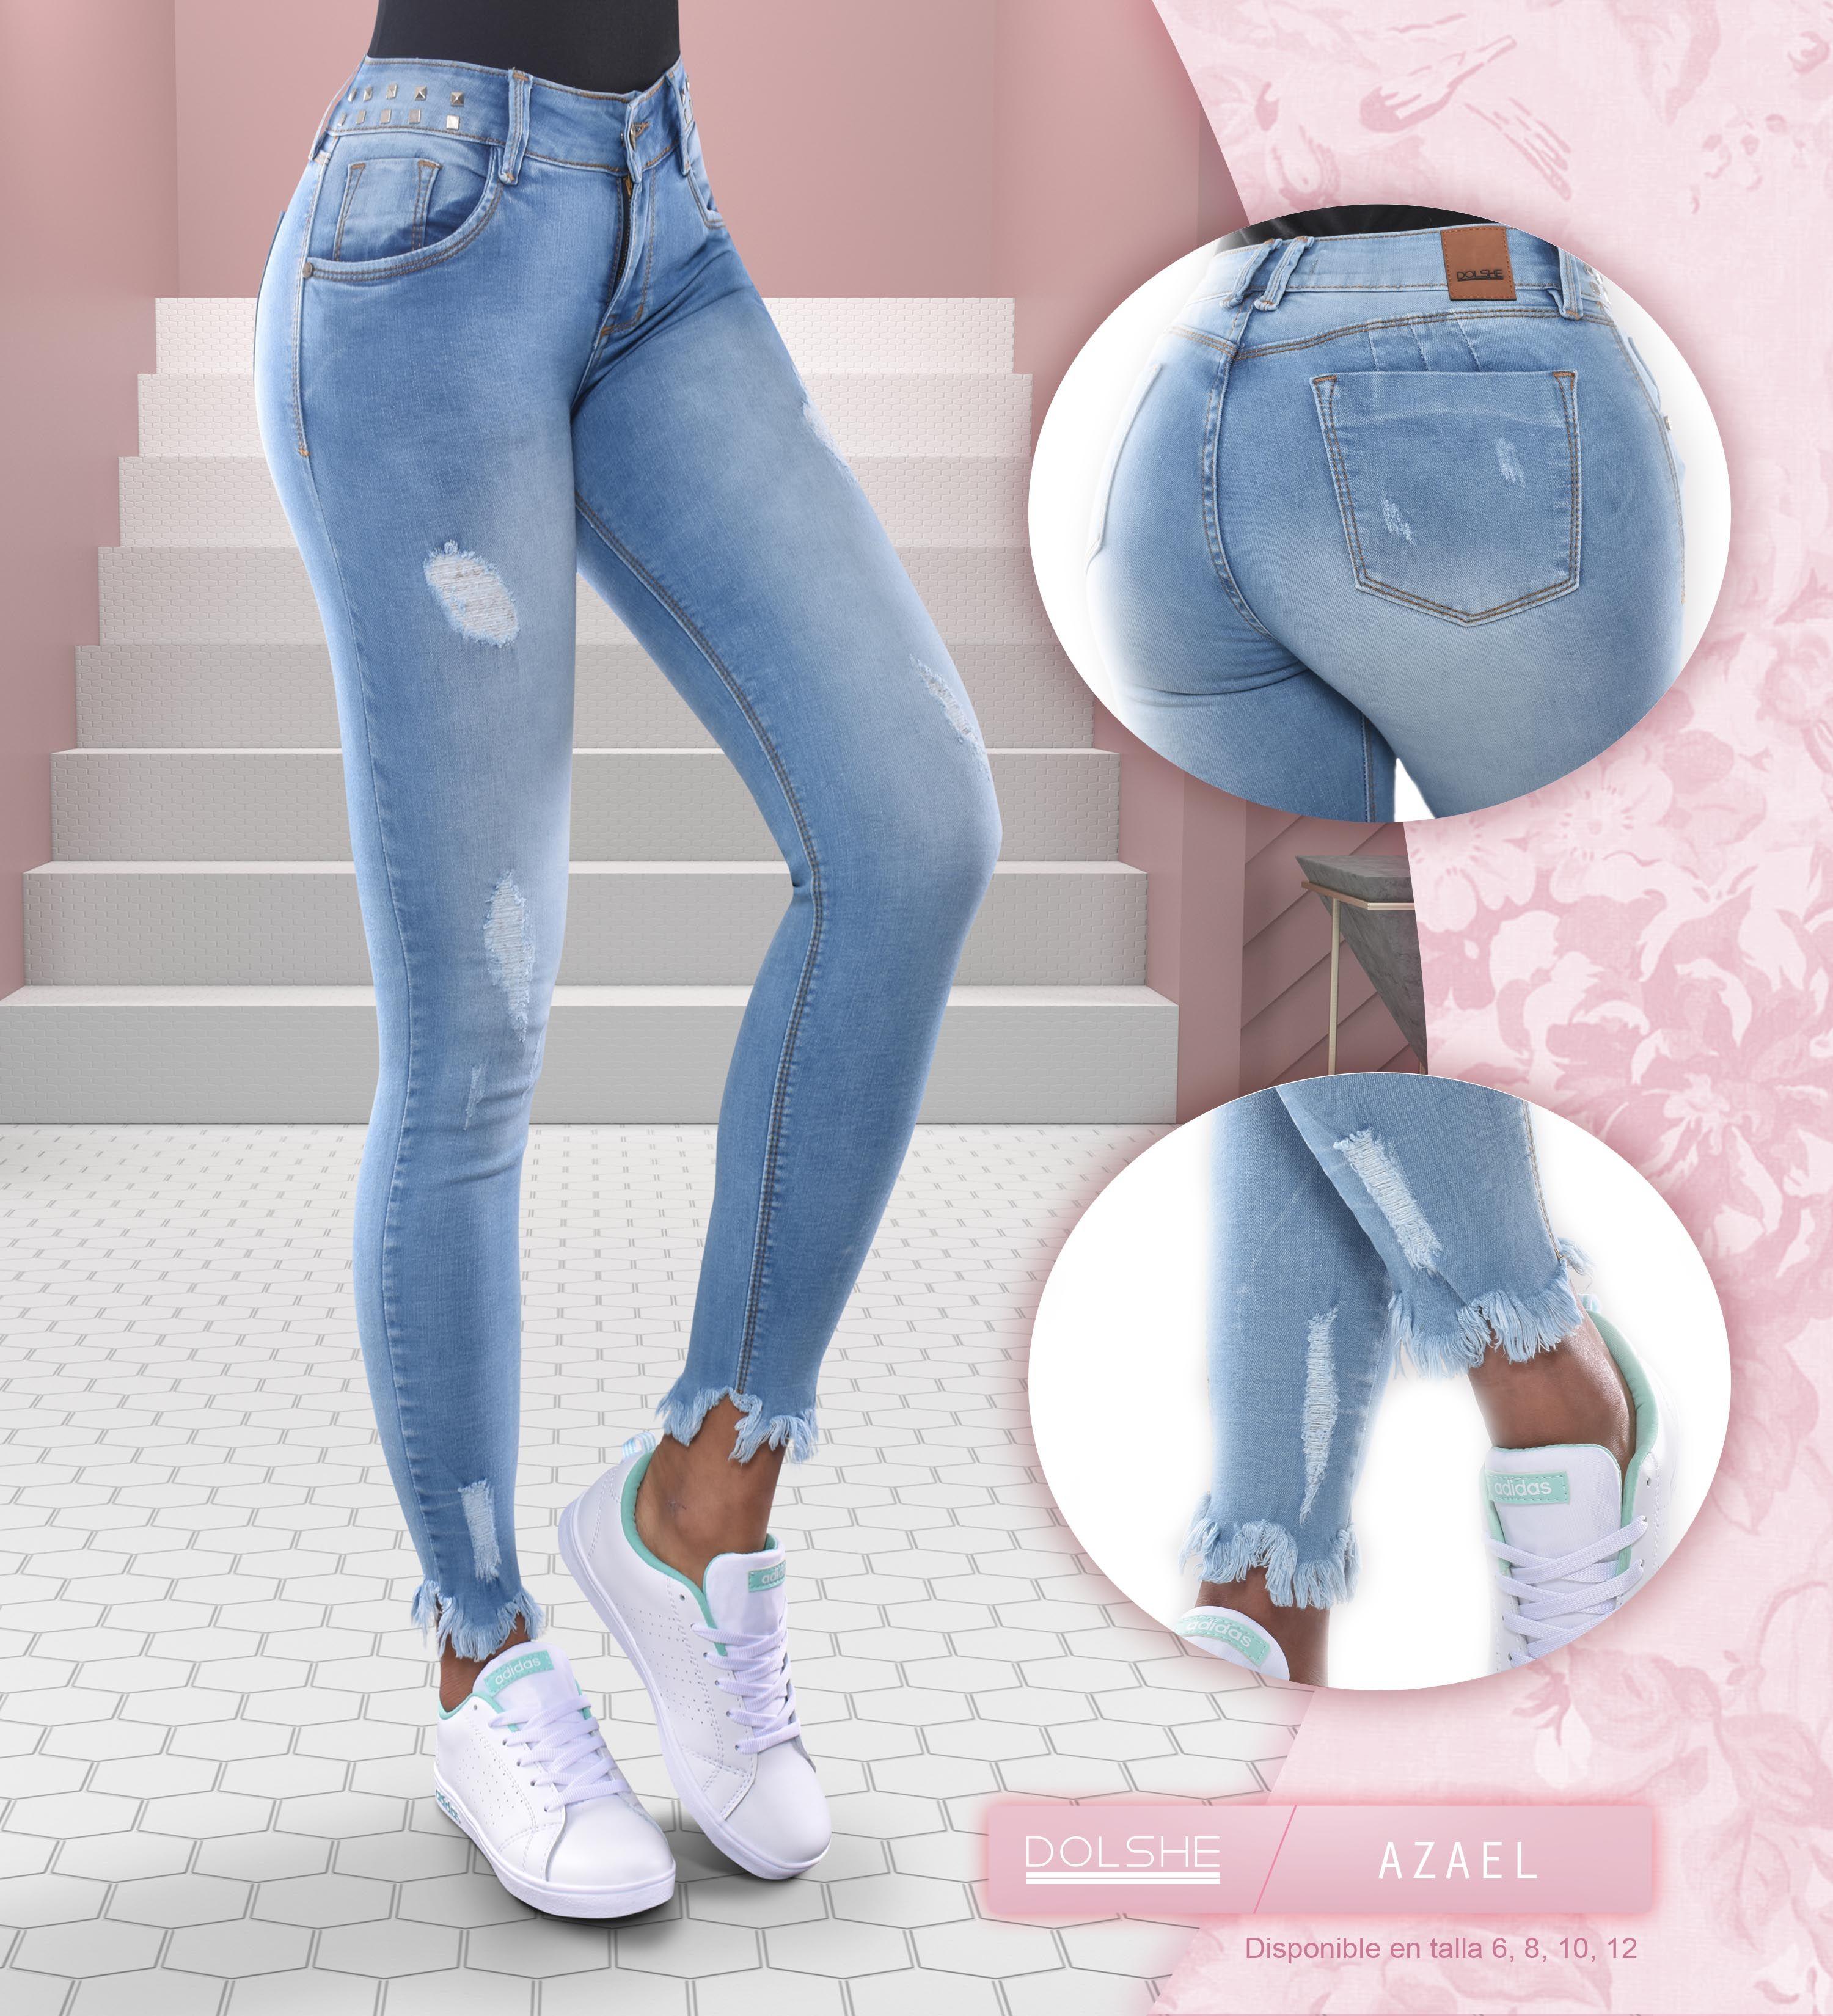 Pin De Jhon Bueno En Photos Pantalones De Moda Jeans De Moda Pantalones De Mezclilla Mujer